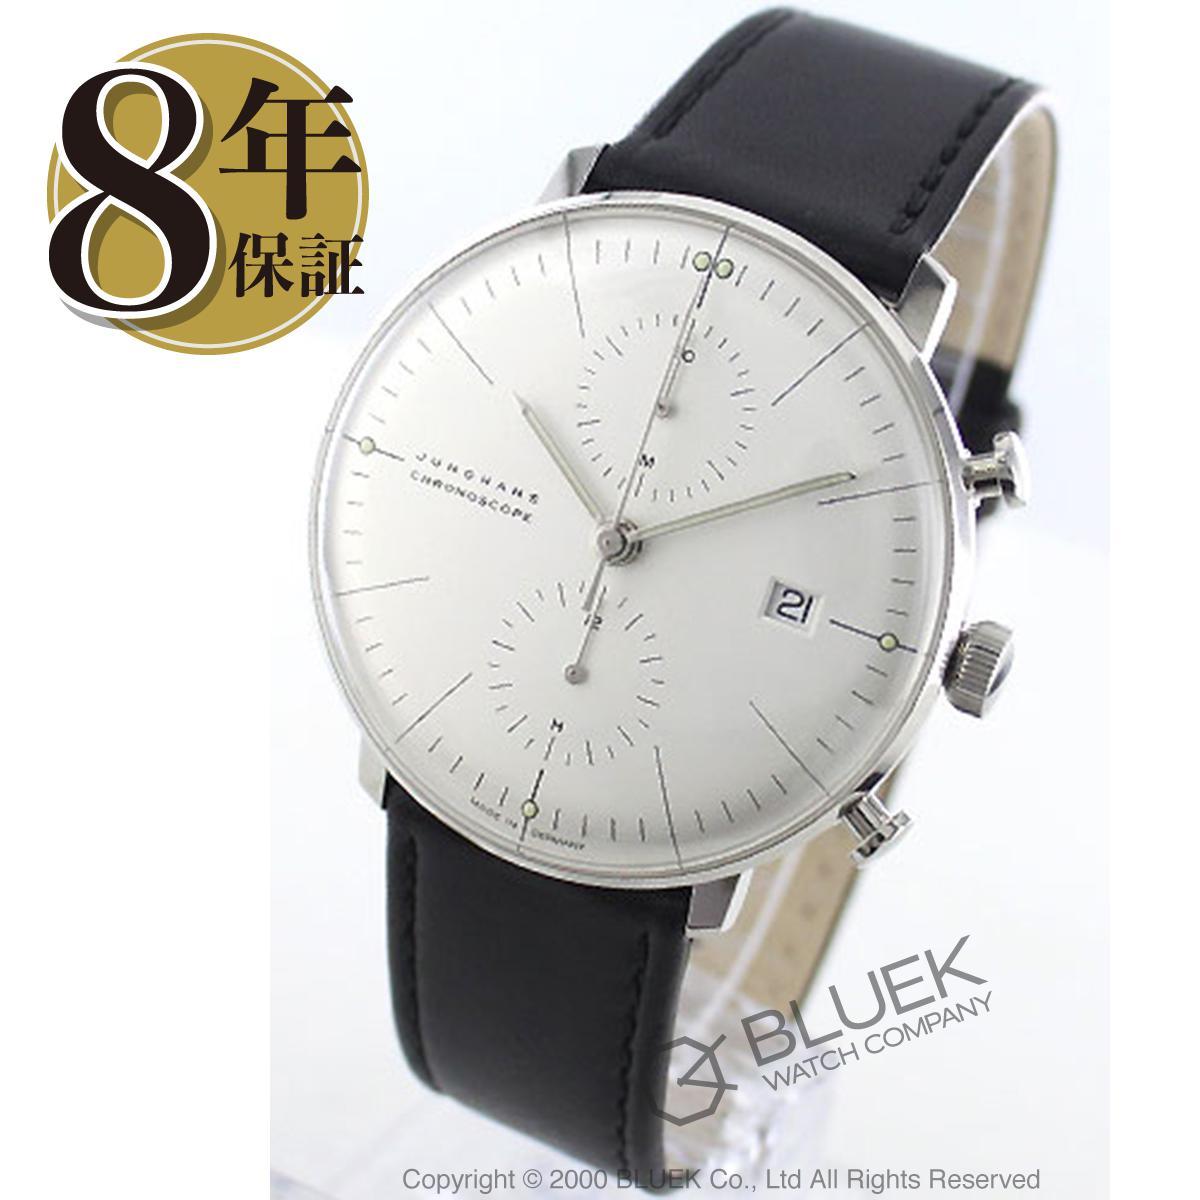 ユンハンス マックスビル クロノスコープ クロノグラフ 腕時計 メンズ JUNGHANS 027/4600.00_8 バーゲン 成人祝い ギフト プレゼント